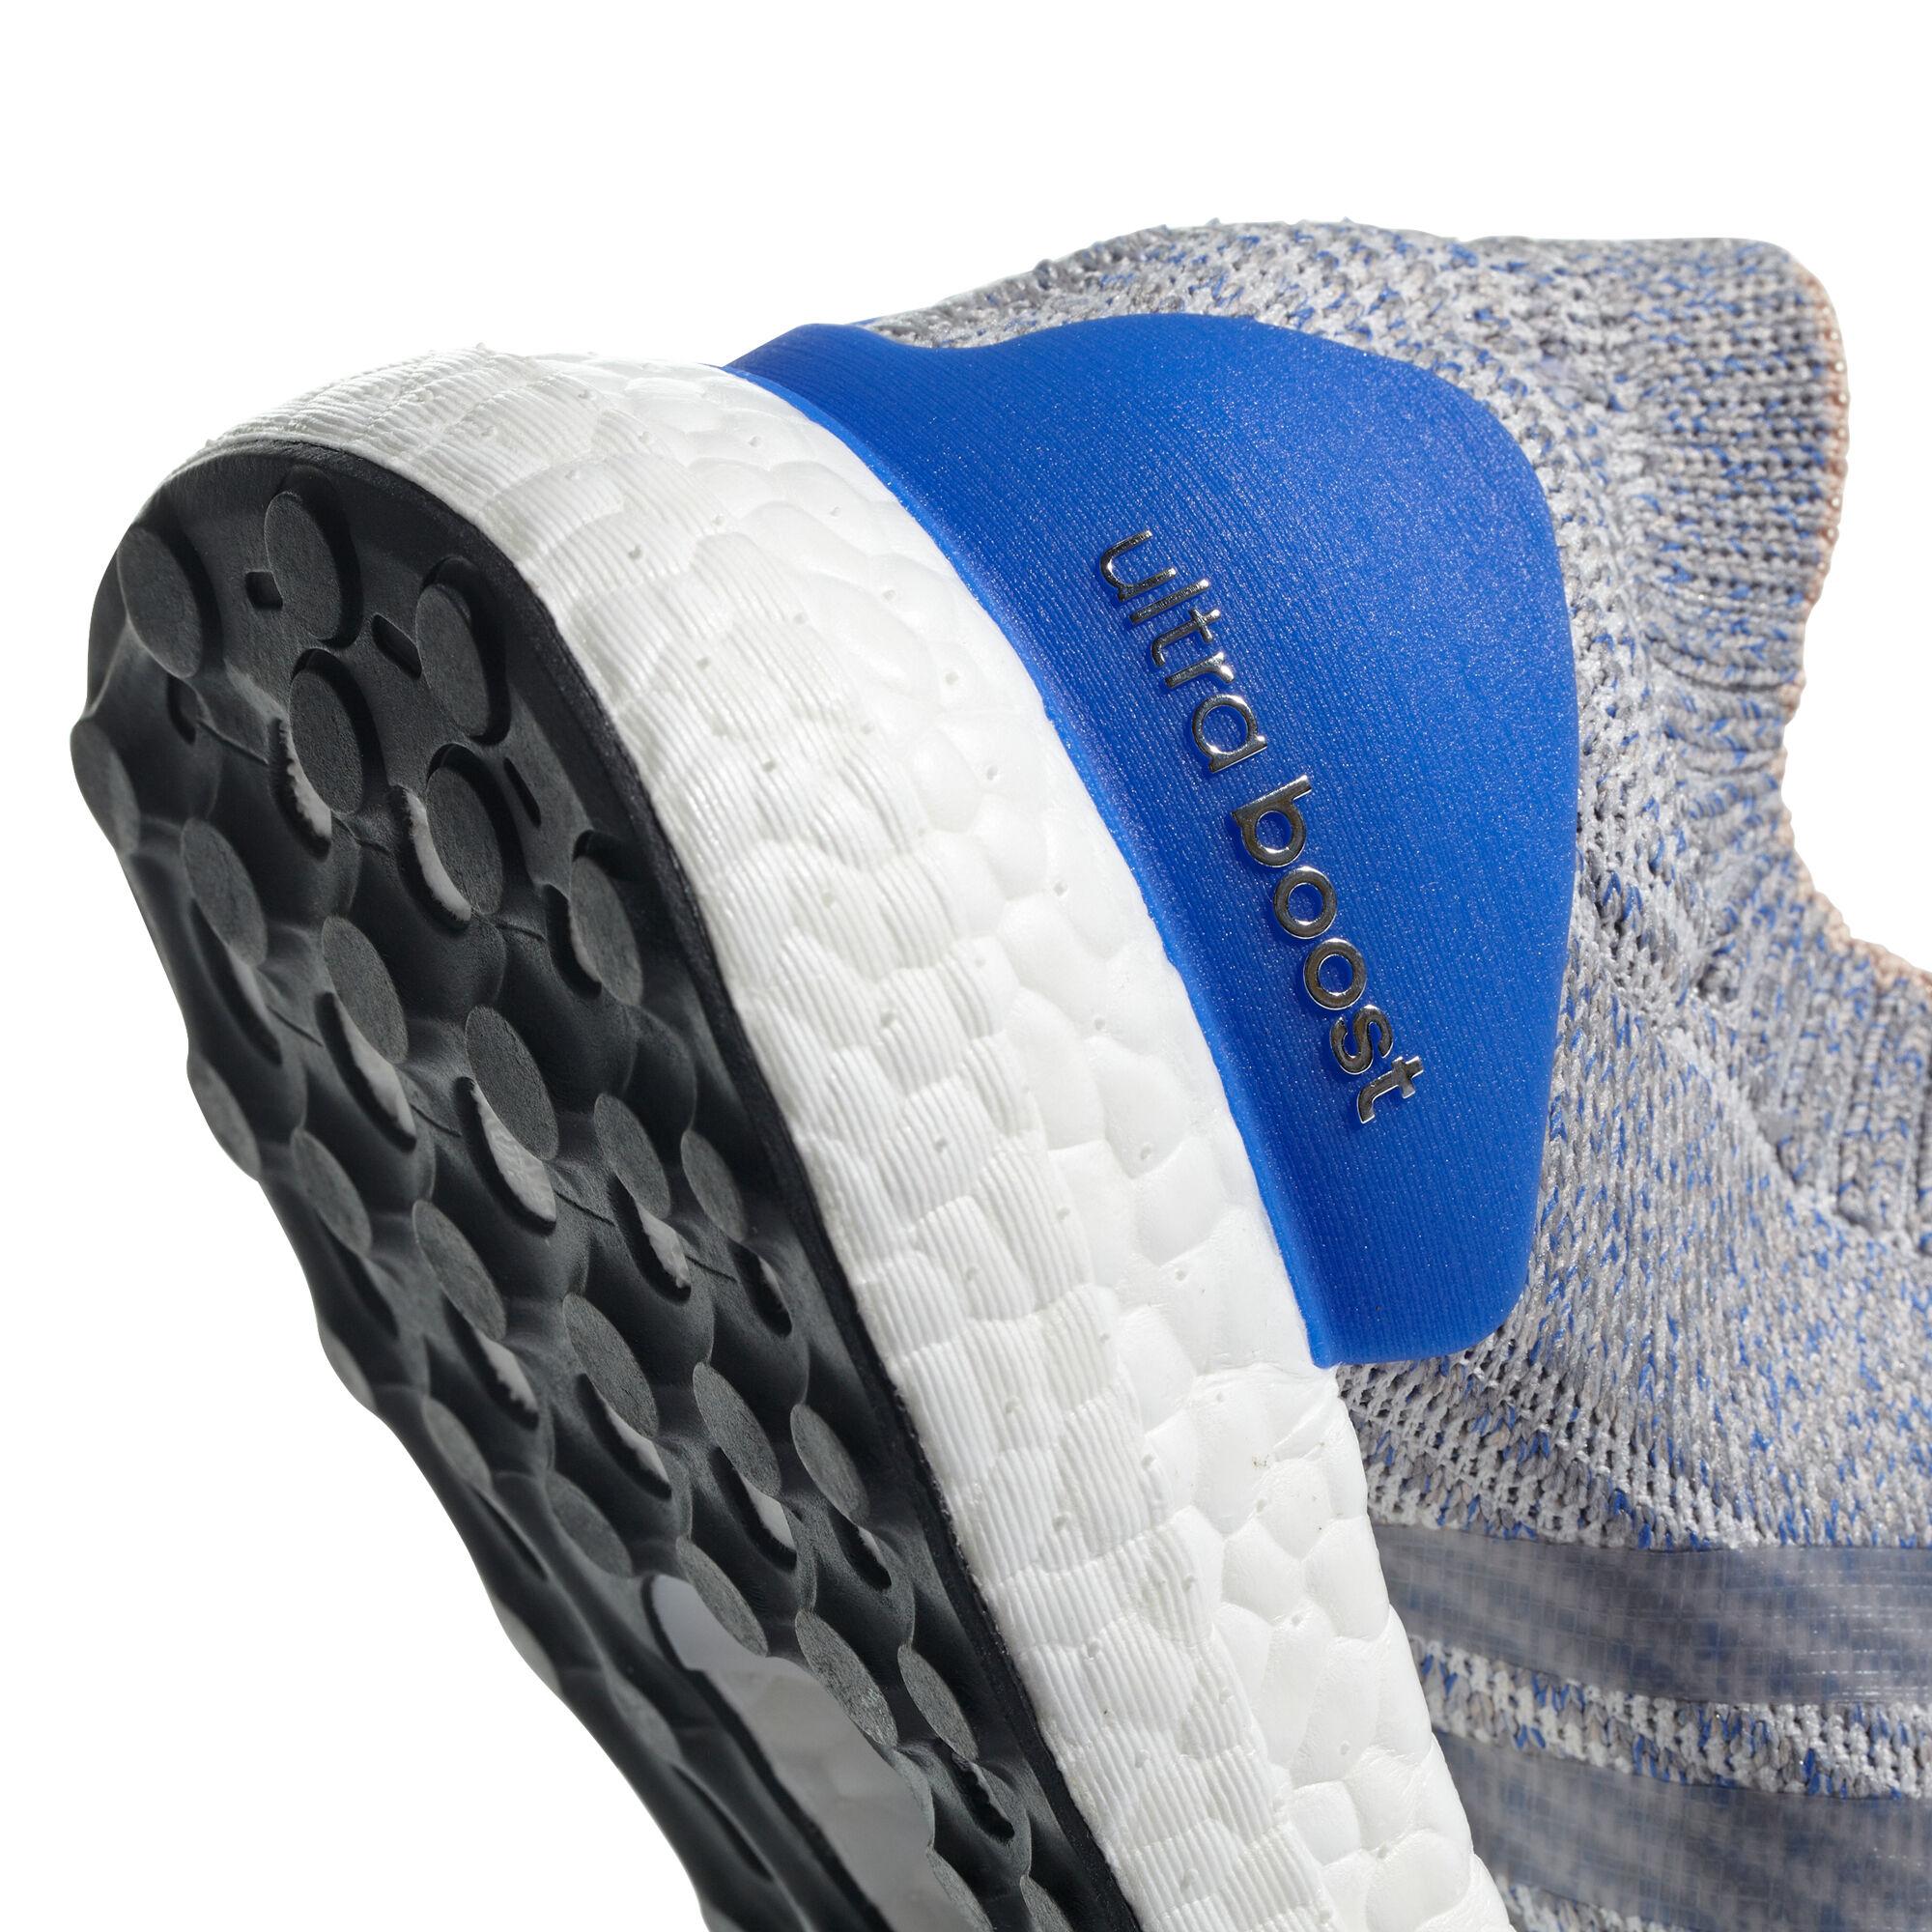 e67daa982a6 buy adidas Ultra Boost X Neutral Running Shoe Women - Lightgrey ...